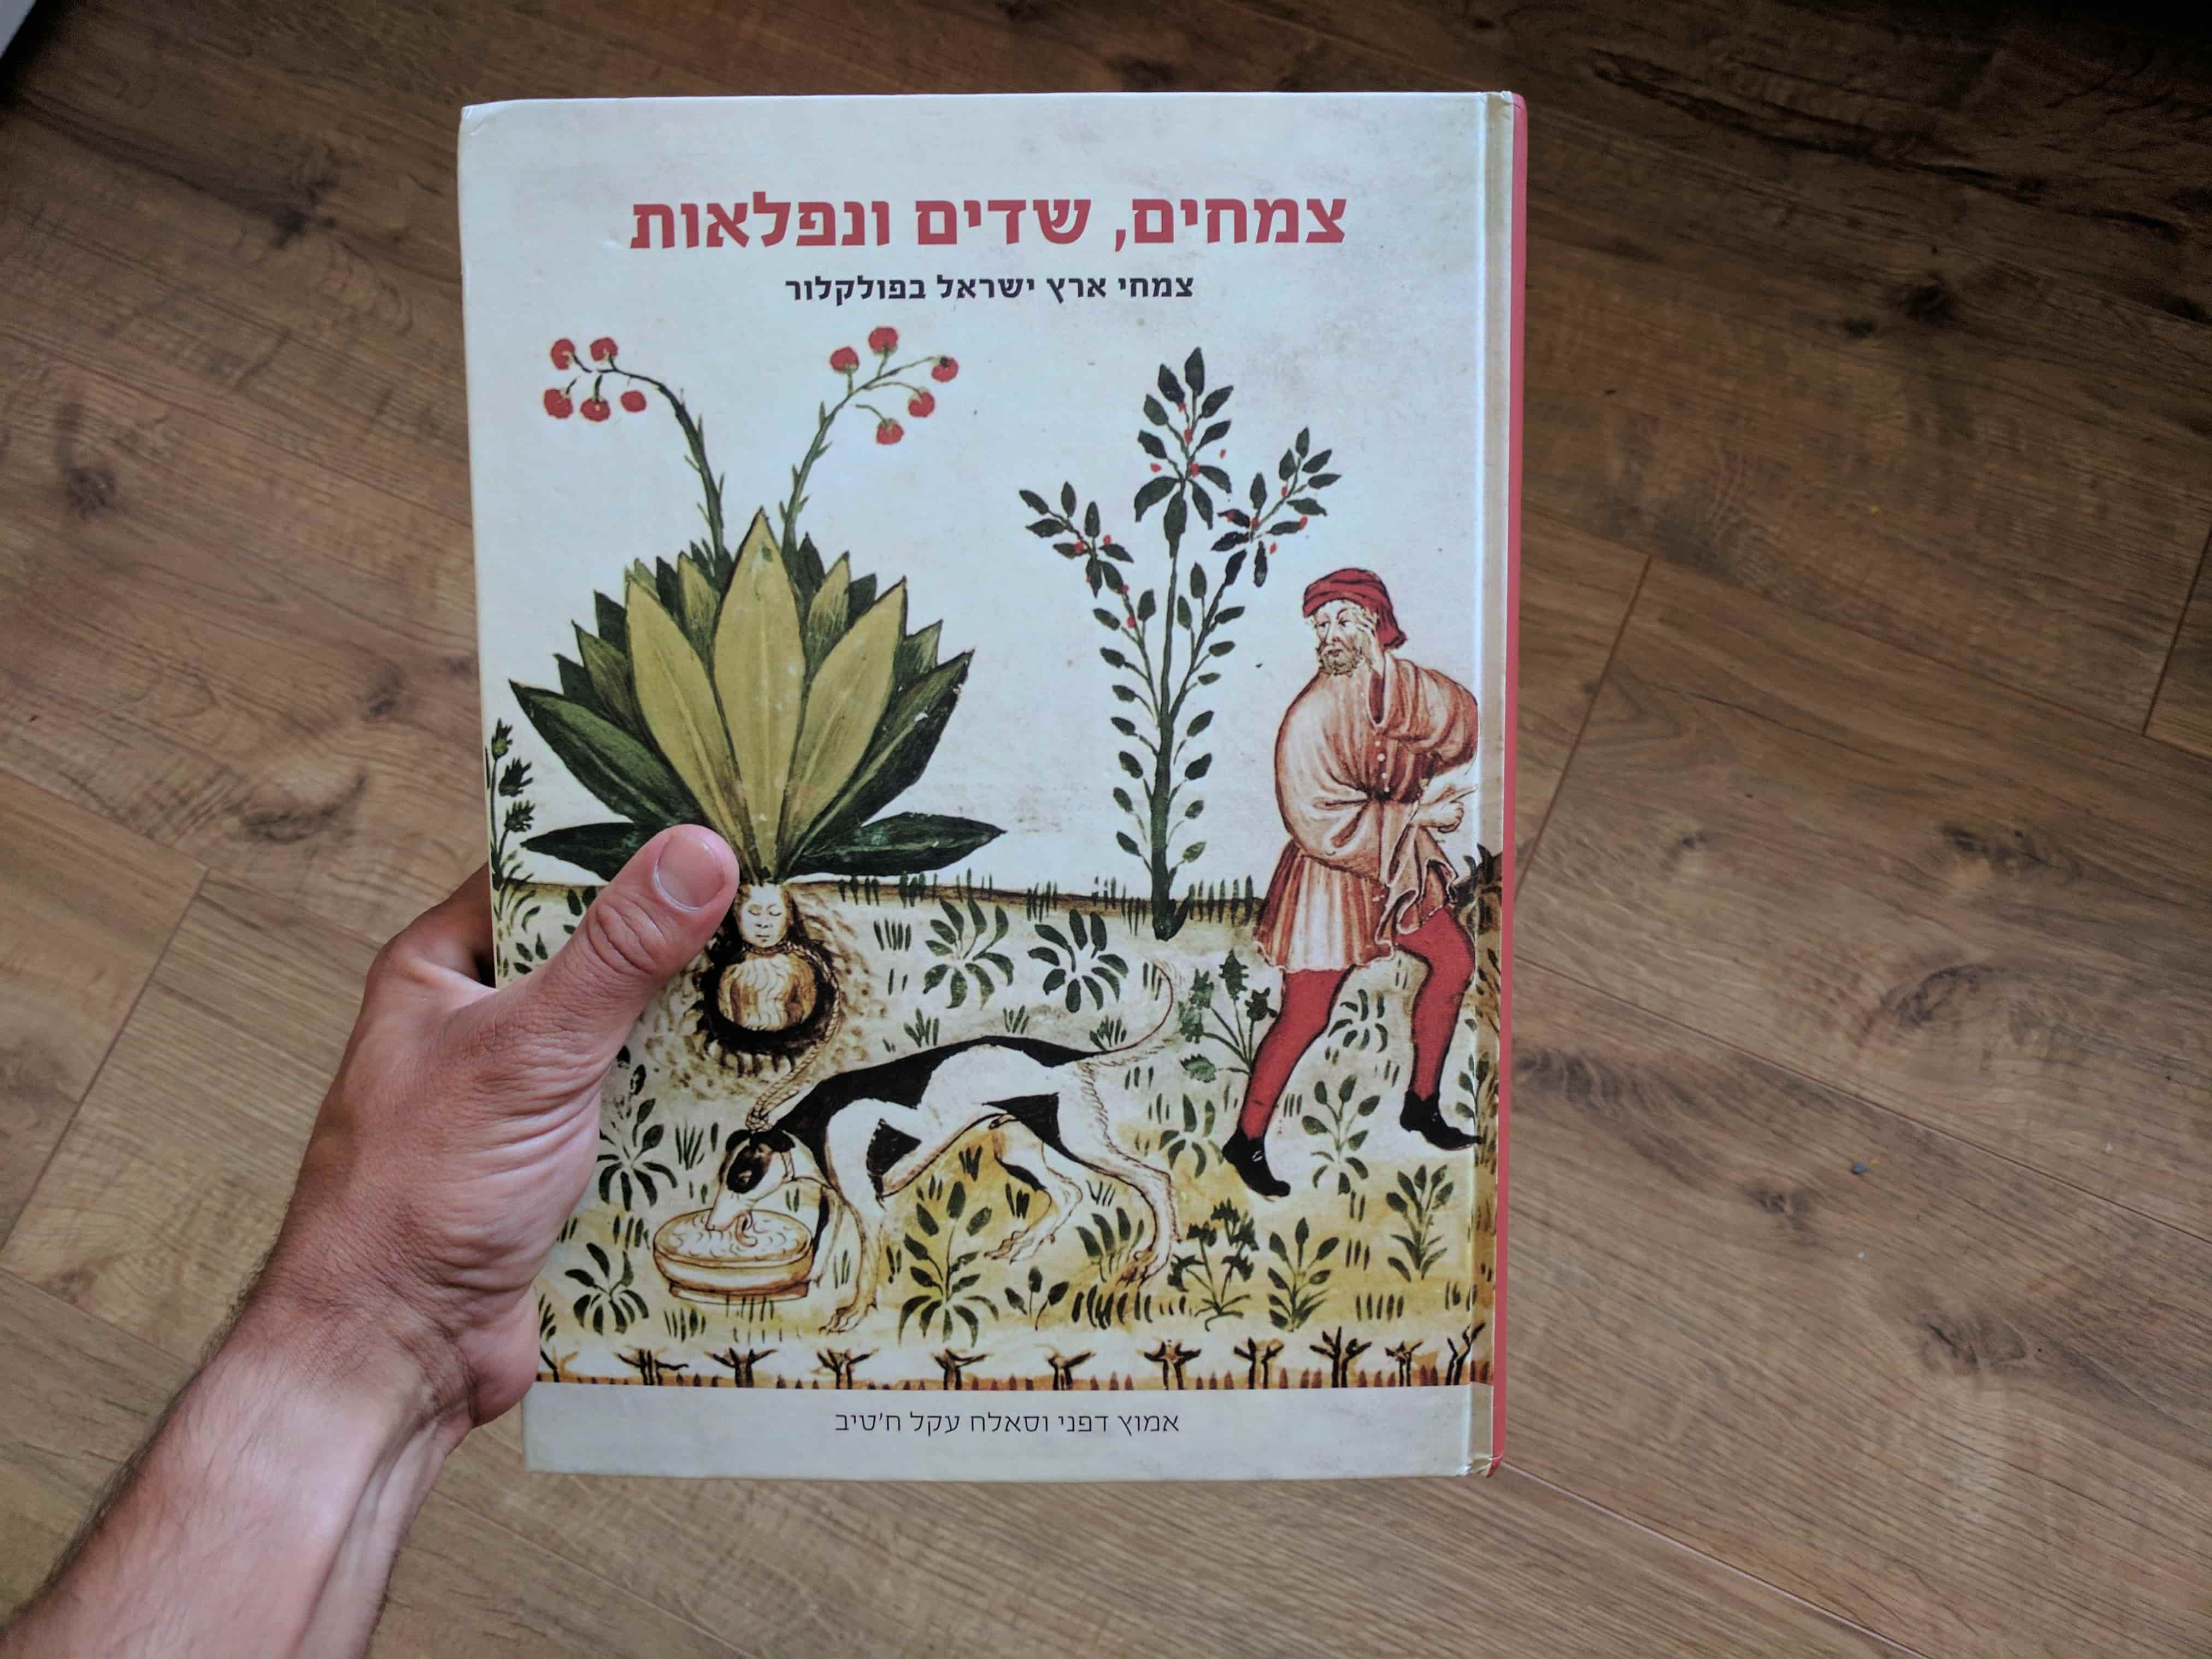 צמחים שדים ונפלאות - אמוץ דפני וסאלח עקל ח'טיב